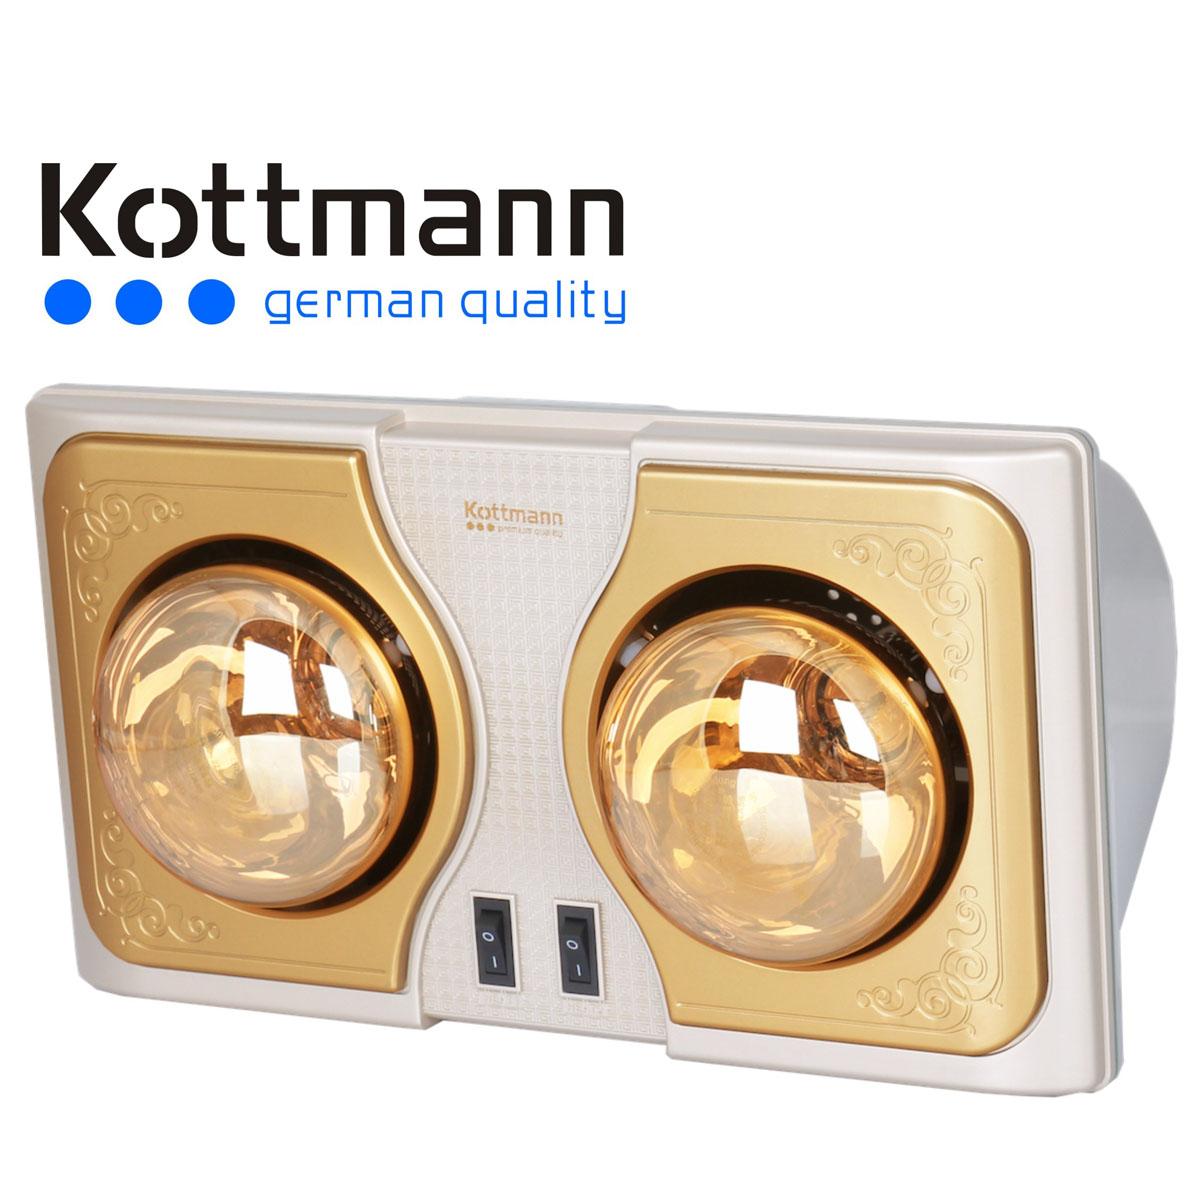 Den suoi Kottmann K2B-G treo tuong 2 bong